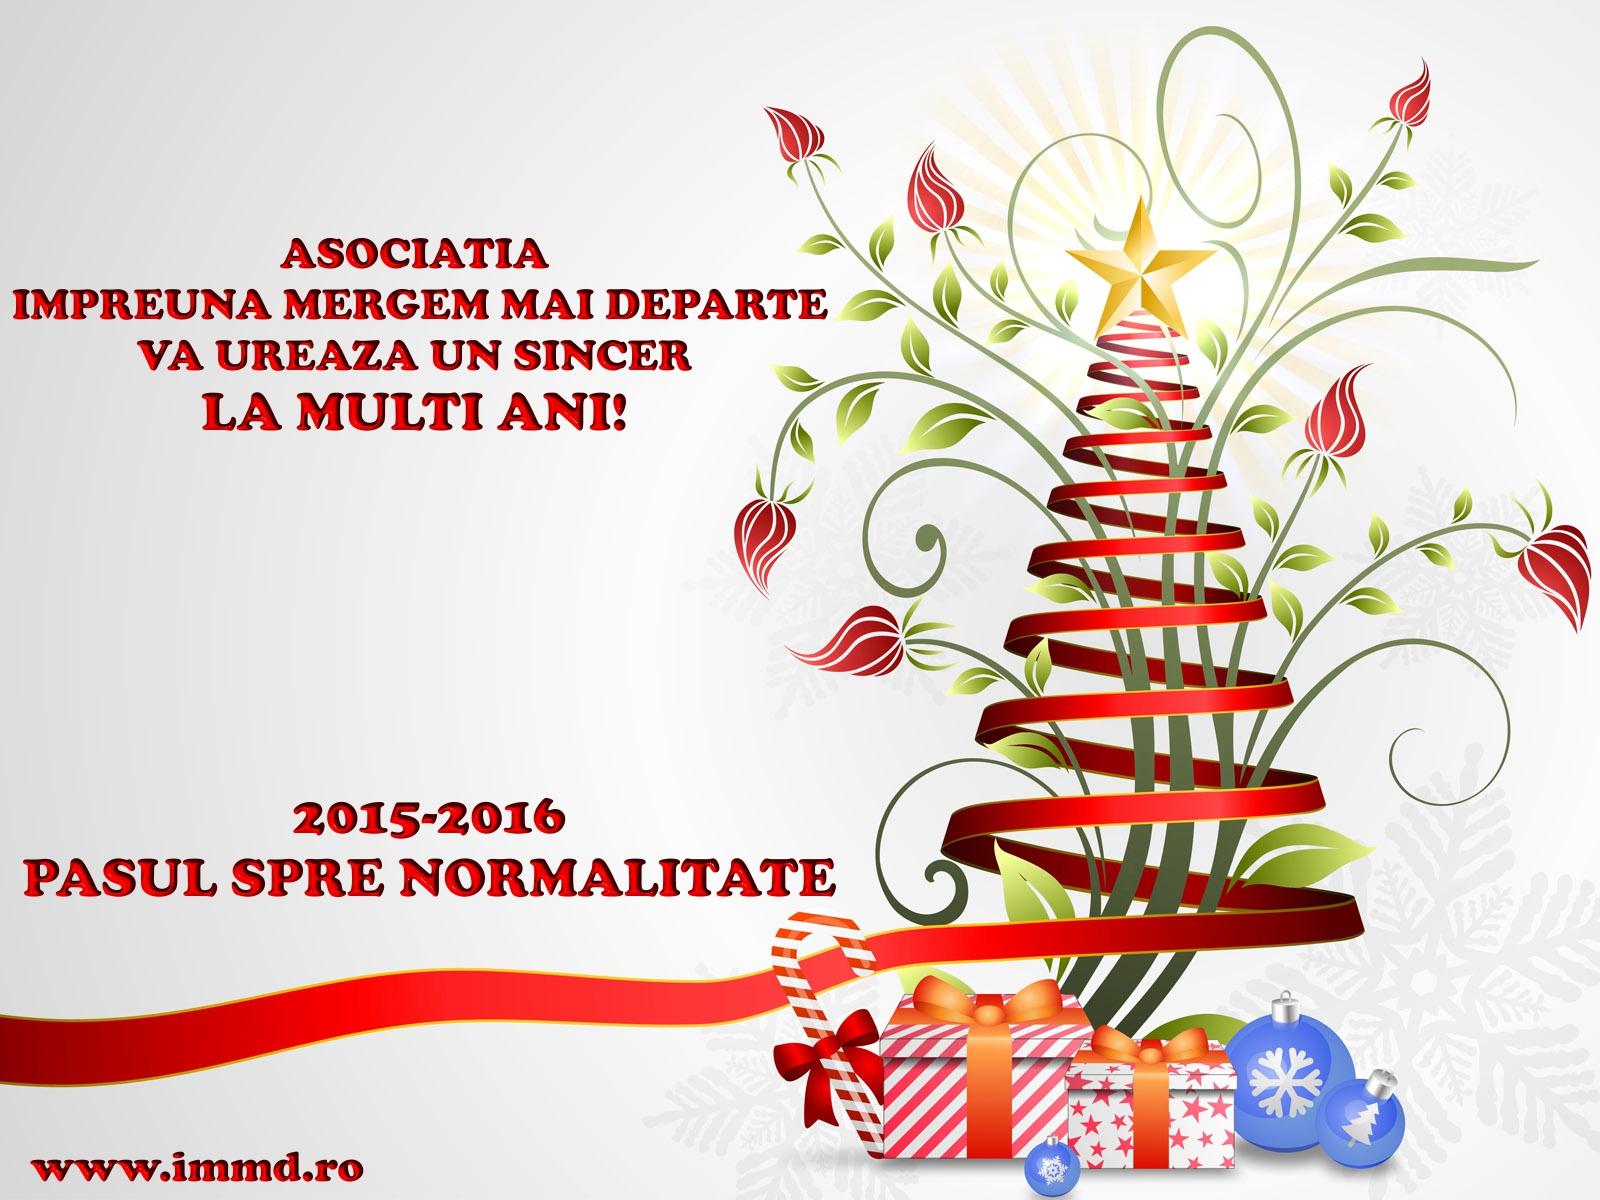 Pasul spre normalitate 2015-2016.LA  MULTI ANI!